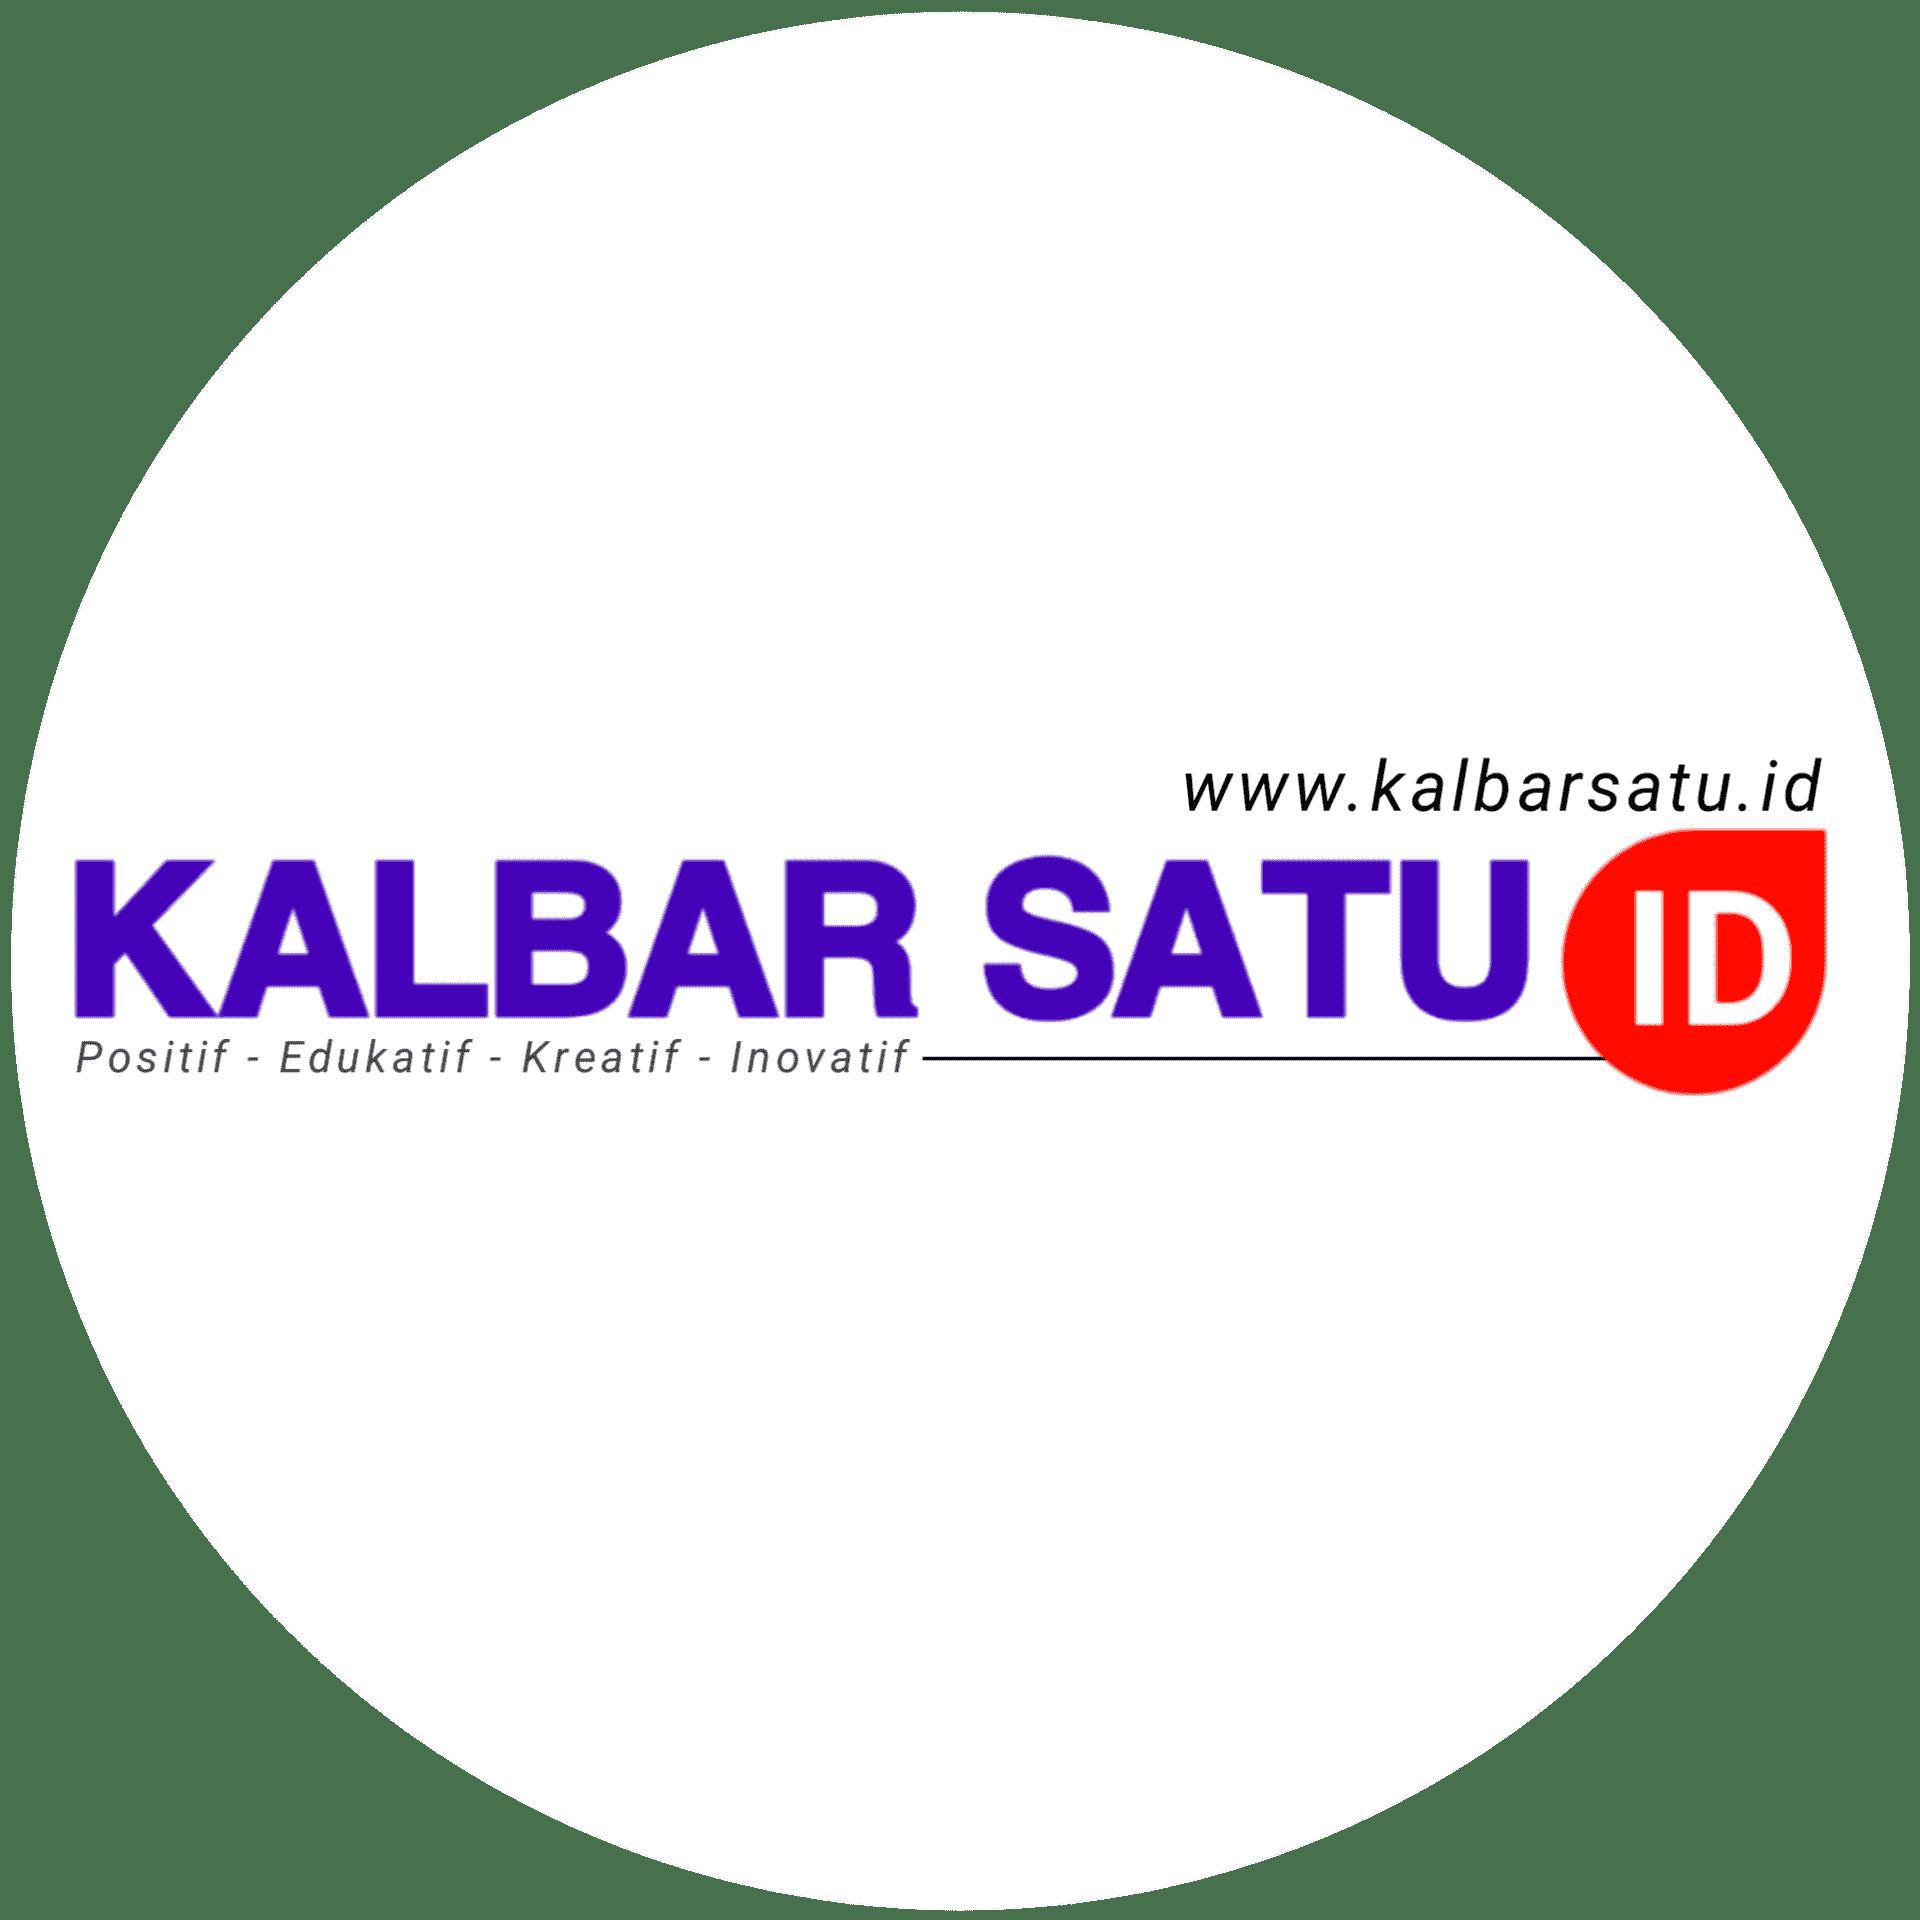 KALBAR SATU ID